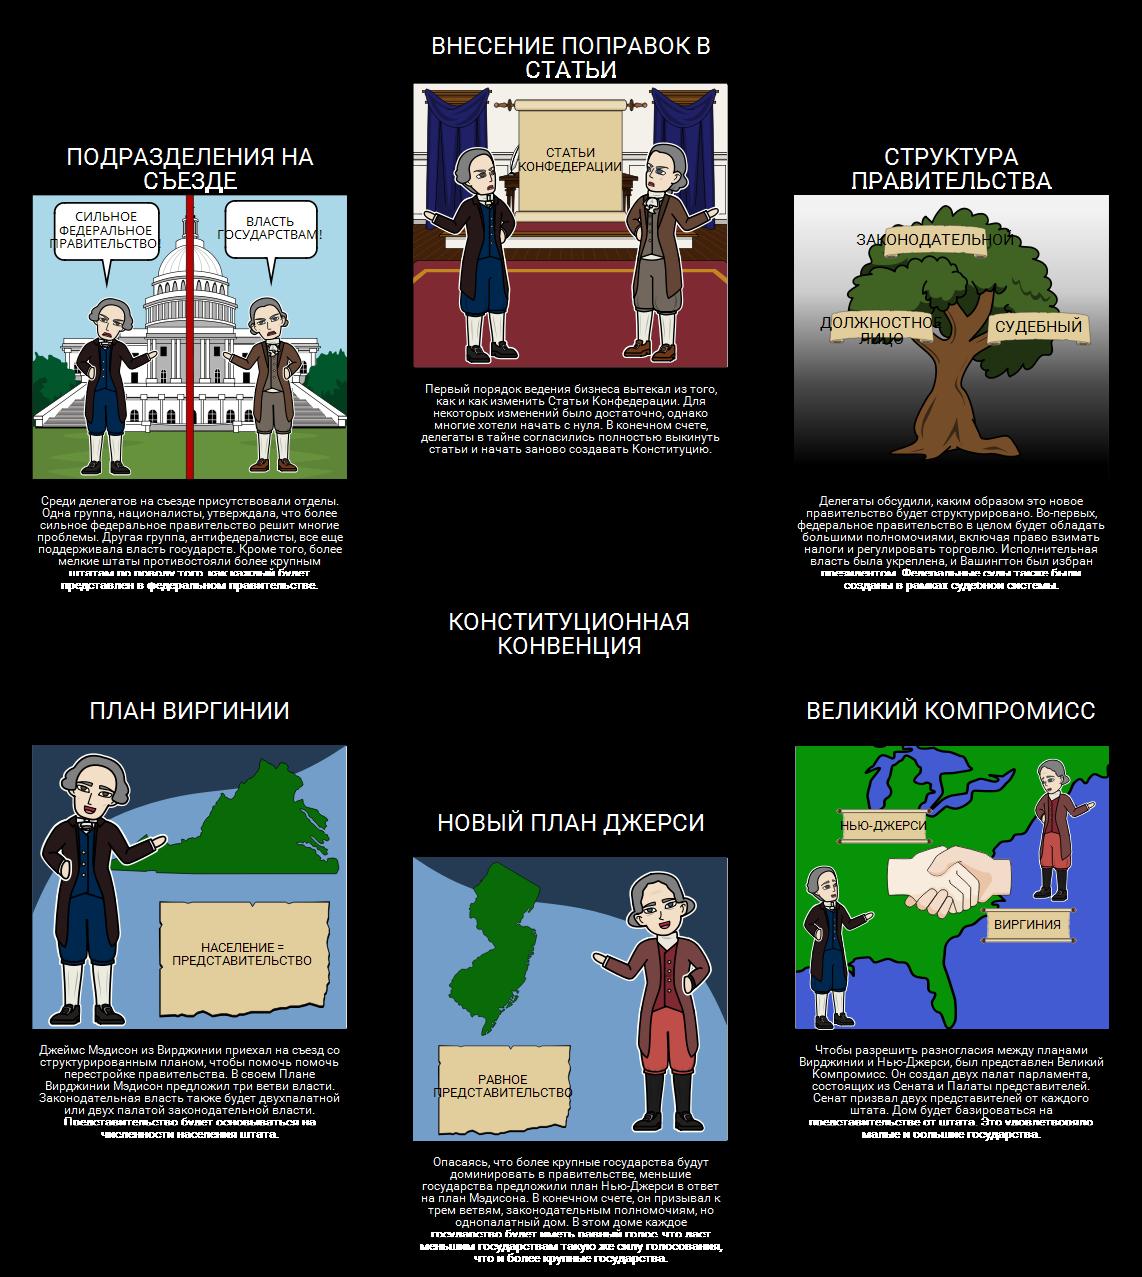 Федерализм - Конституционный Конвенция